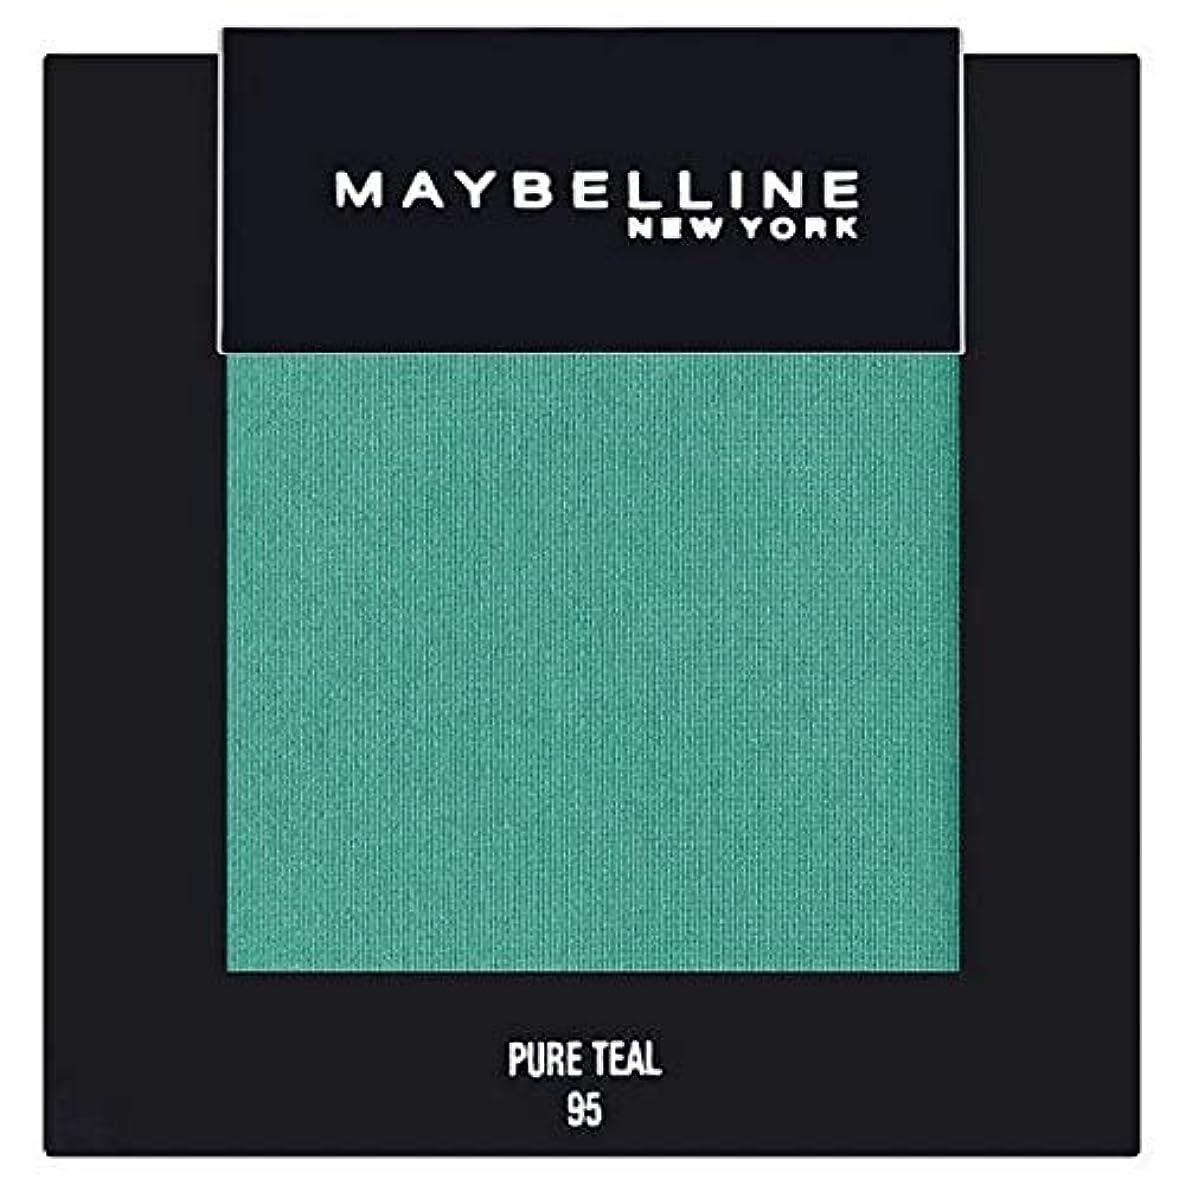 クレア声を出して楽しむ[Maybelline ] メイベリンカラーショー単一グリーンアイシャドウ95純粋ティール - Maybelline Color Show Single Green Eyeshadow 95 Pure Teal [並行輸入品]